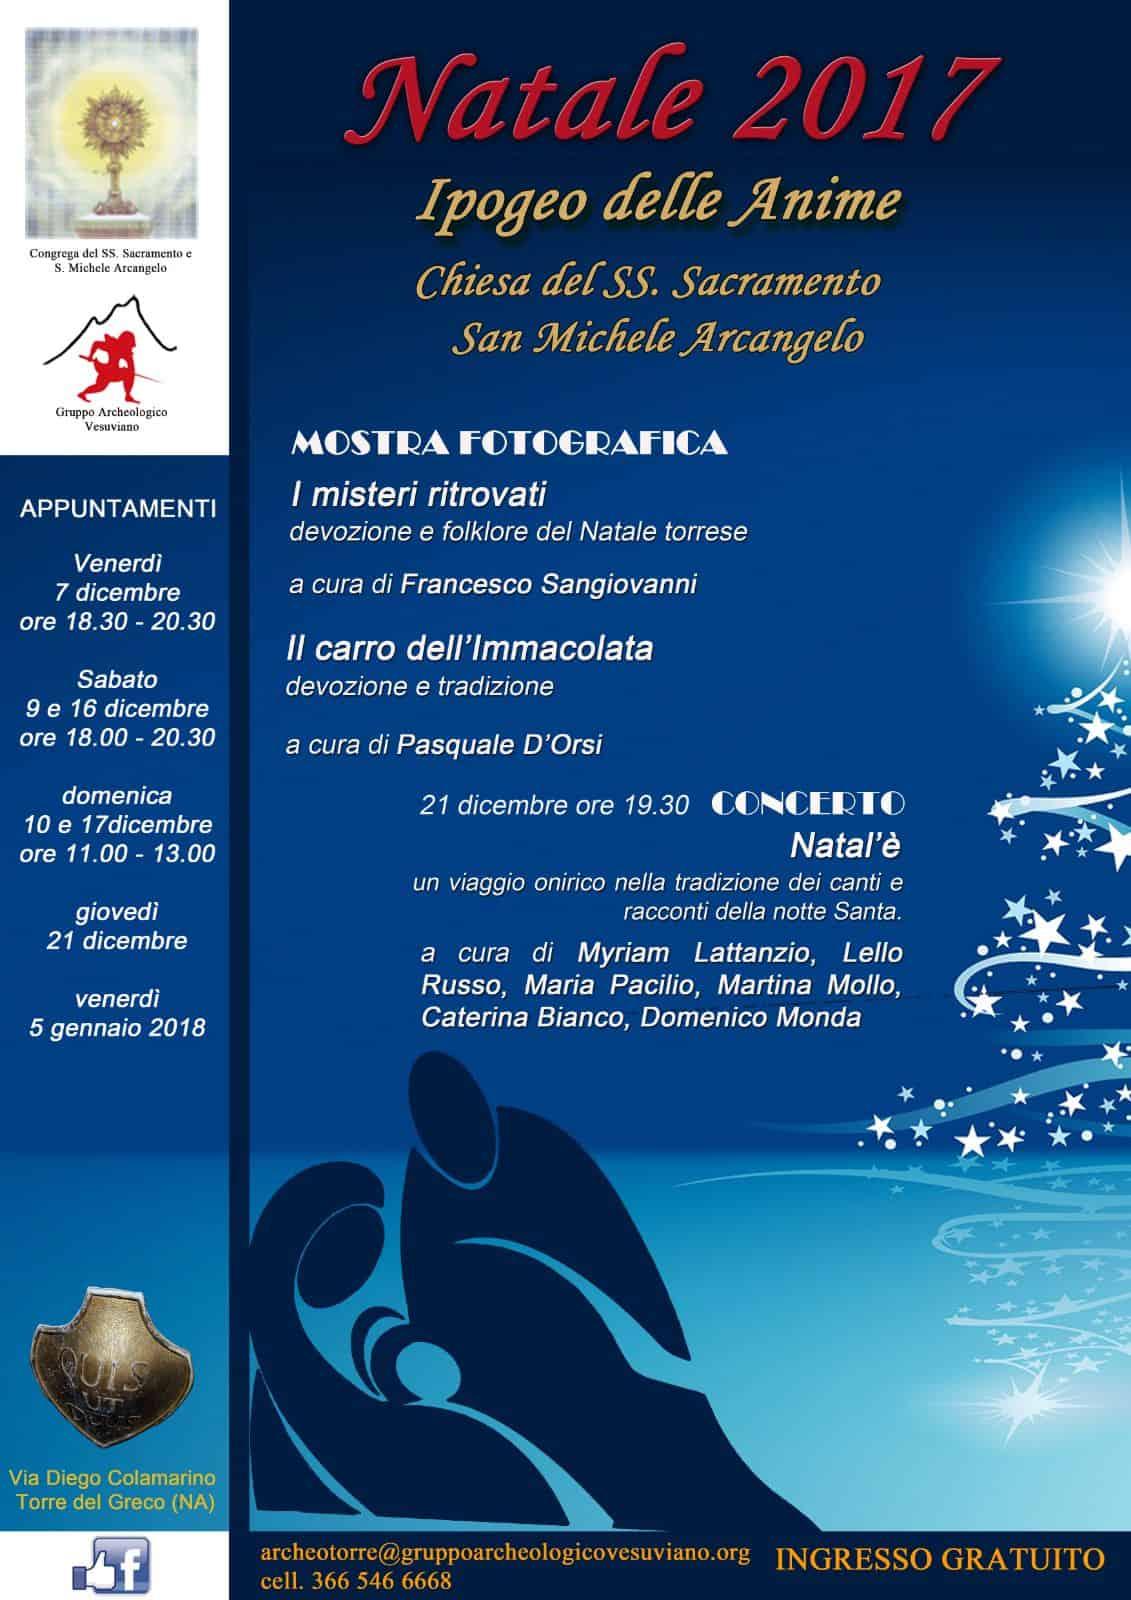 mostra fotografica natalizia nella chiesa di San Michele